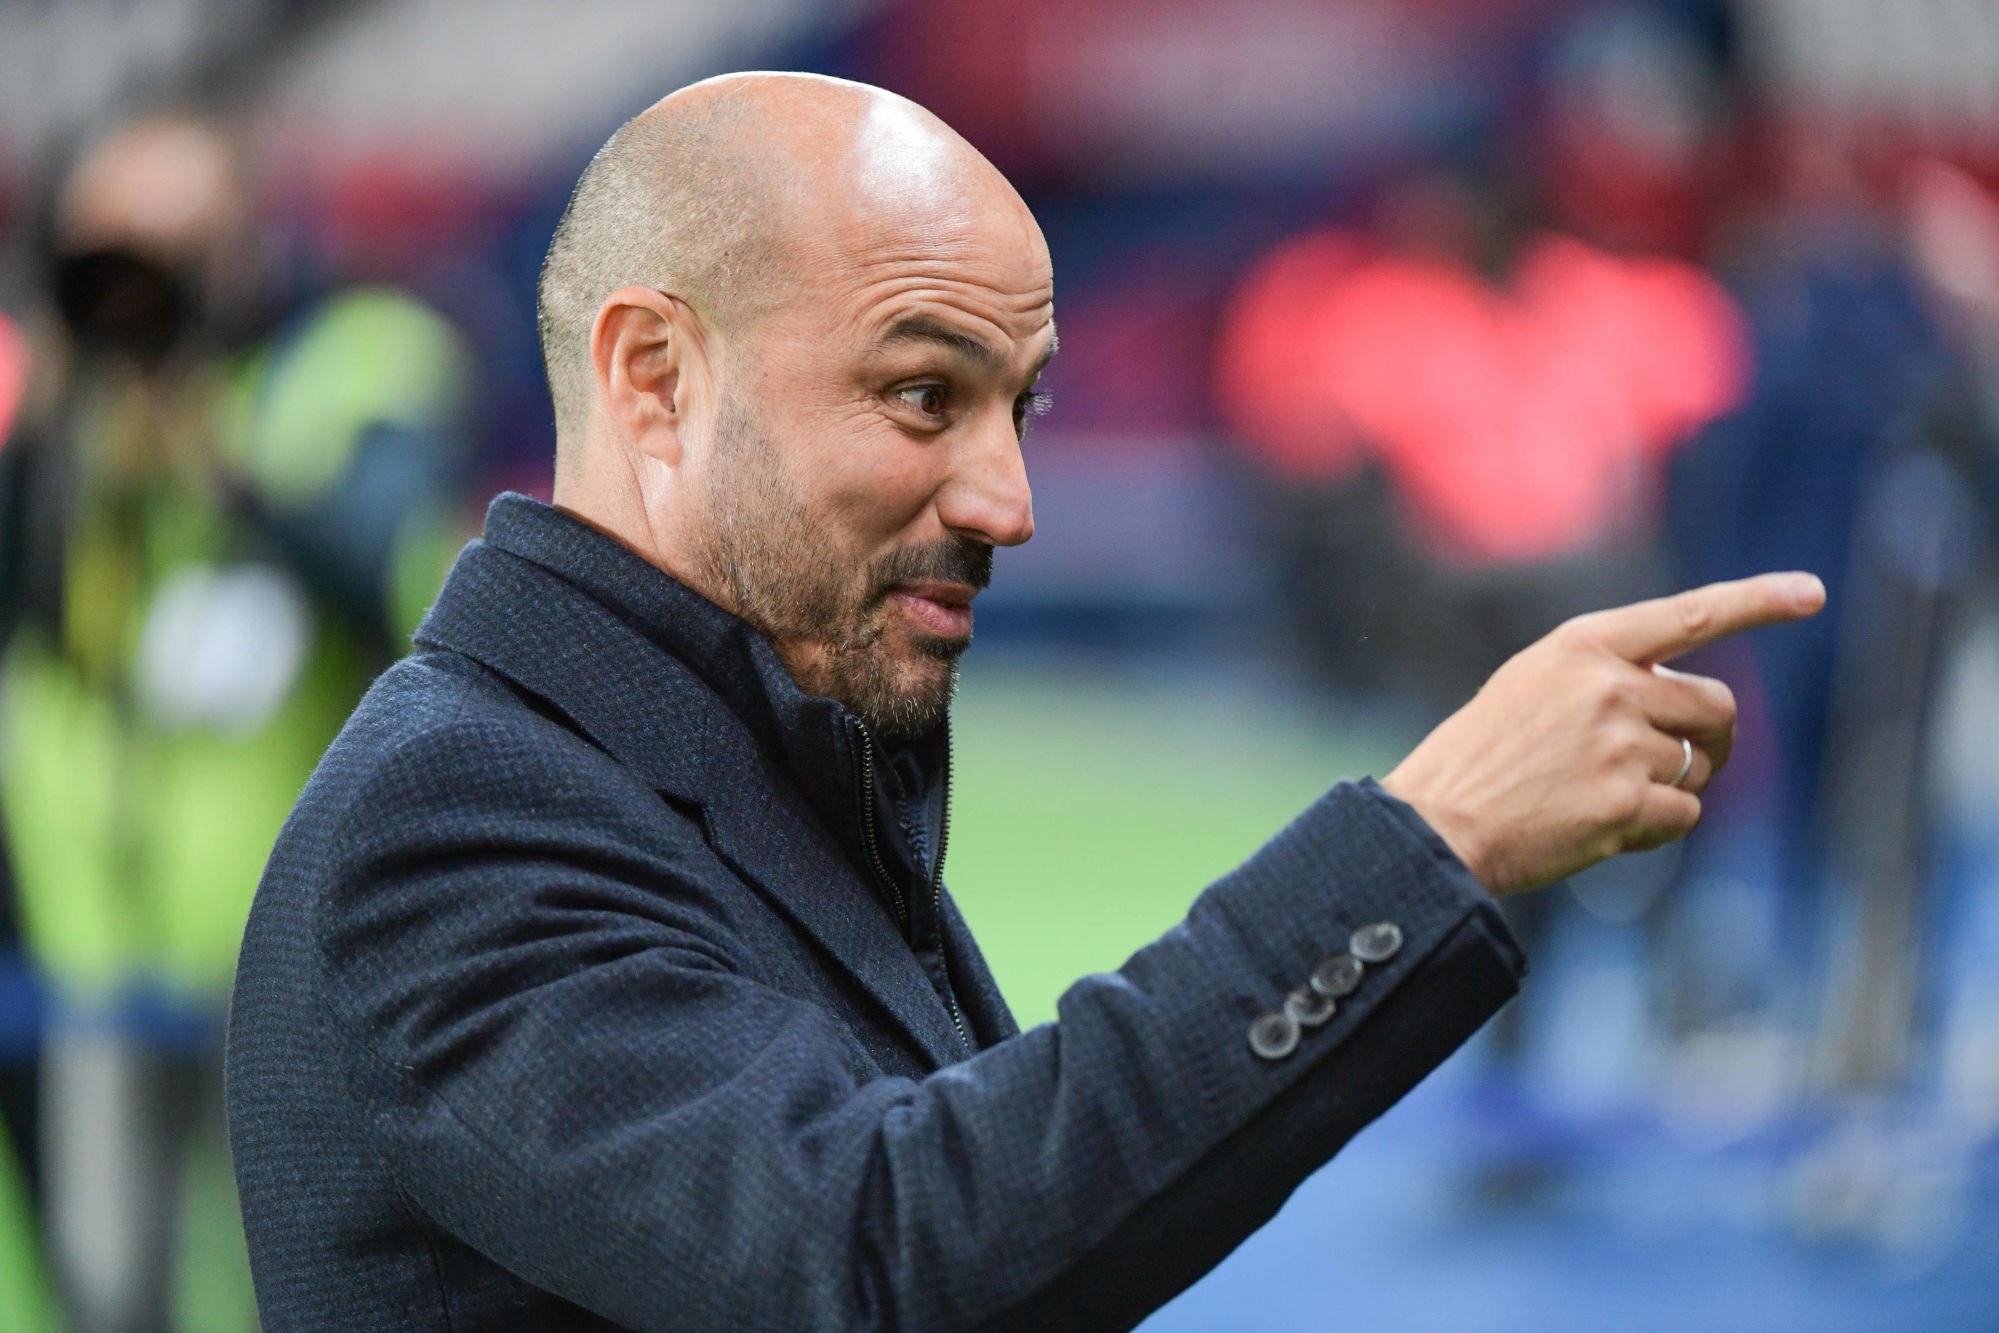 Officiel - Luis Ferrer, recruteur superviseur, quitte le PSG après 11 ans au club